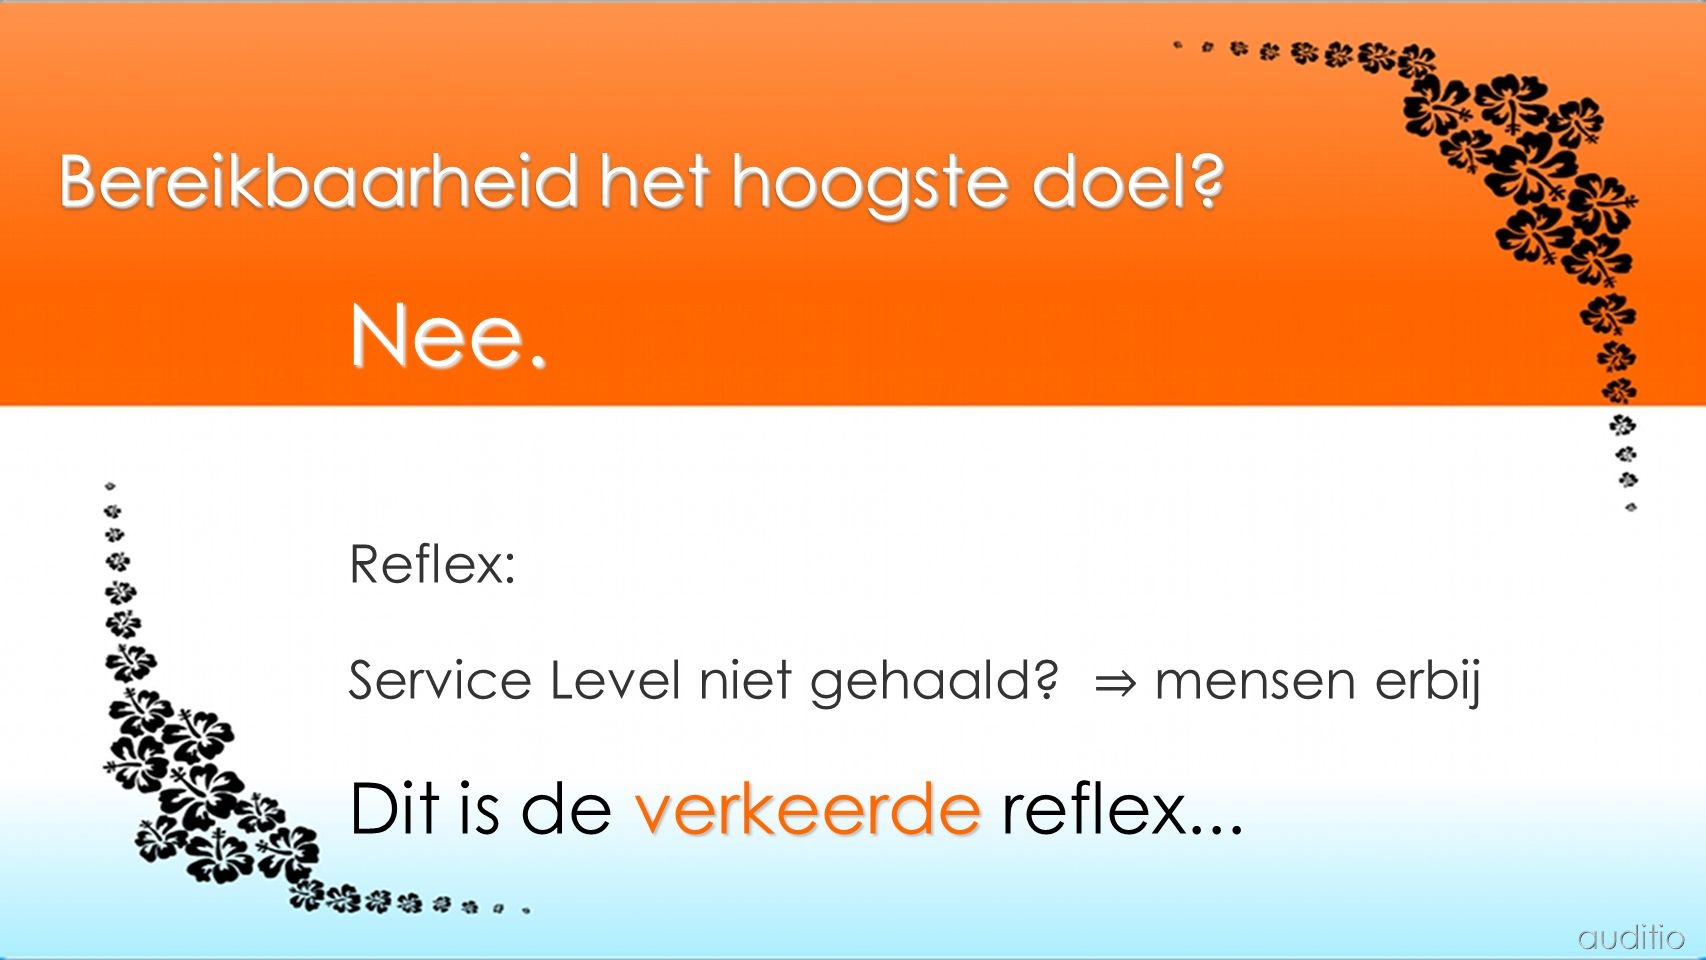 Bereikbaarheid het hoogste doel? Reflex: Service Level niet gehaald? ⇒ mensen erbij verkeerde Dit is de verkeerde reflex... Nee.